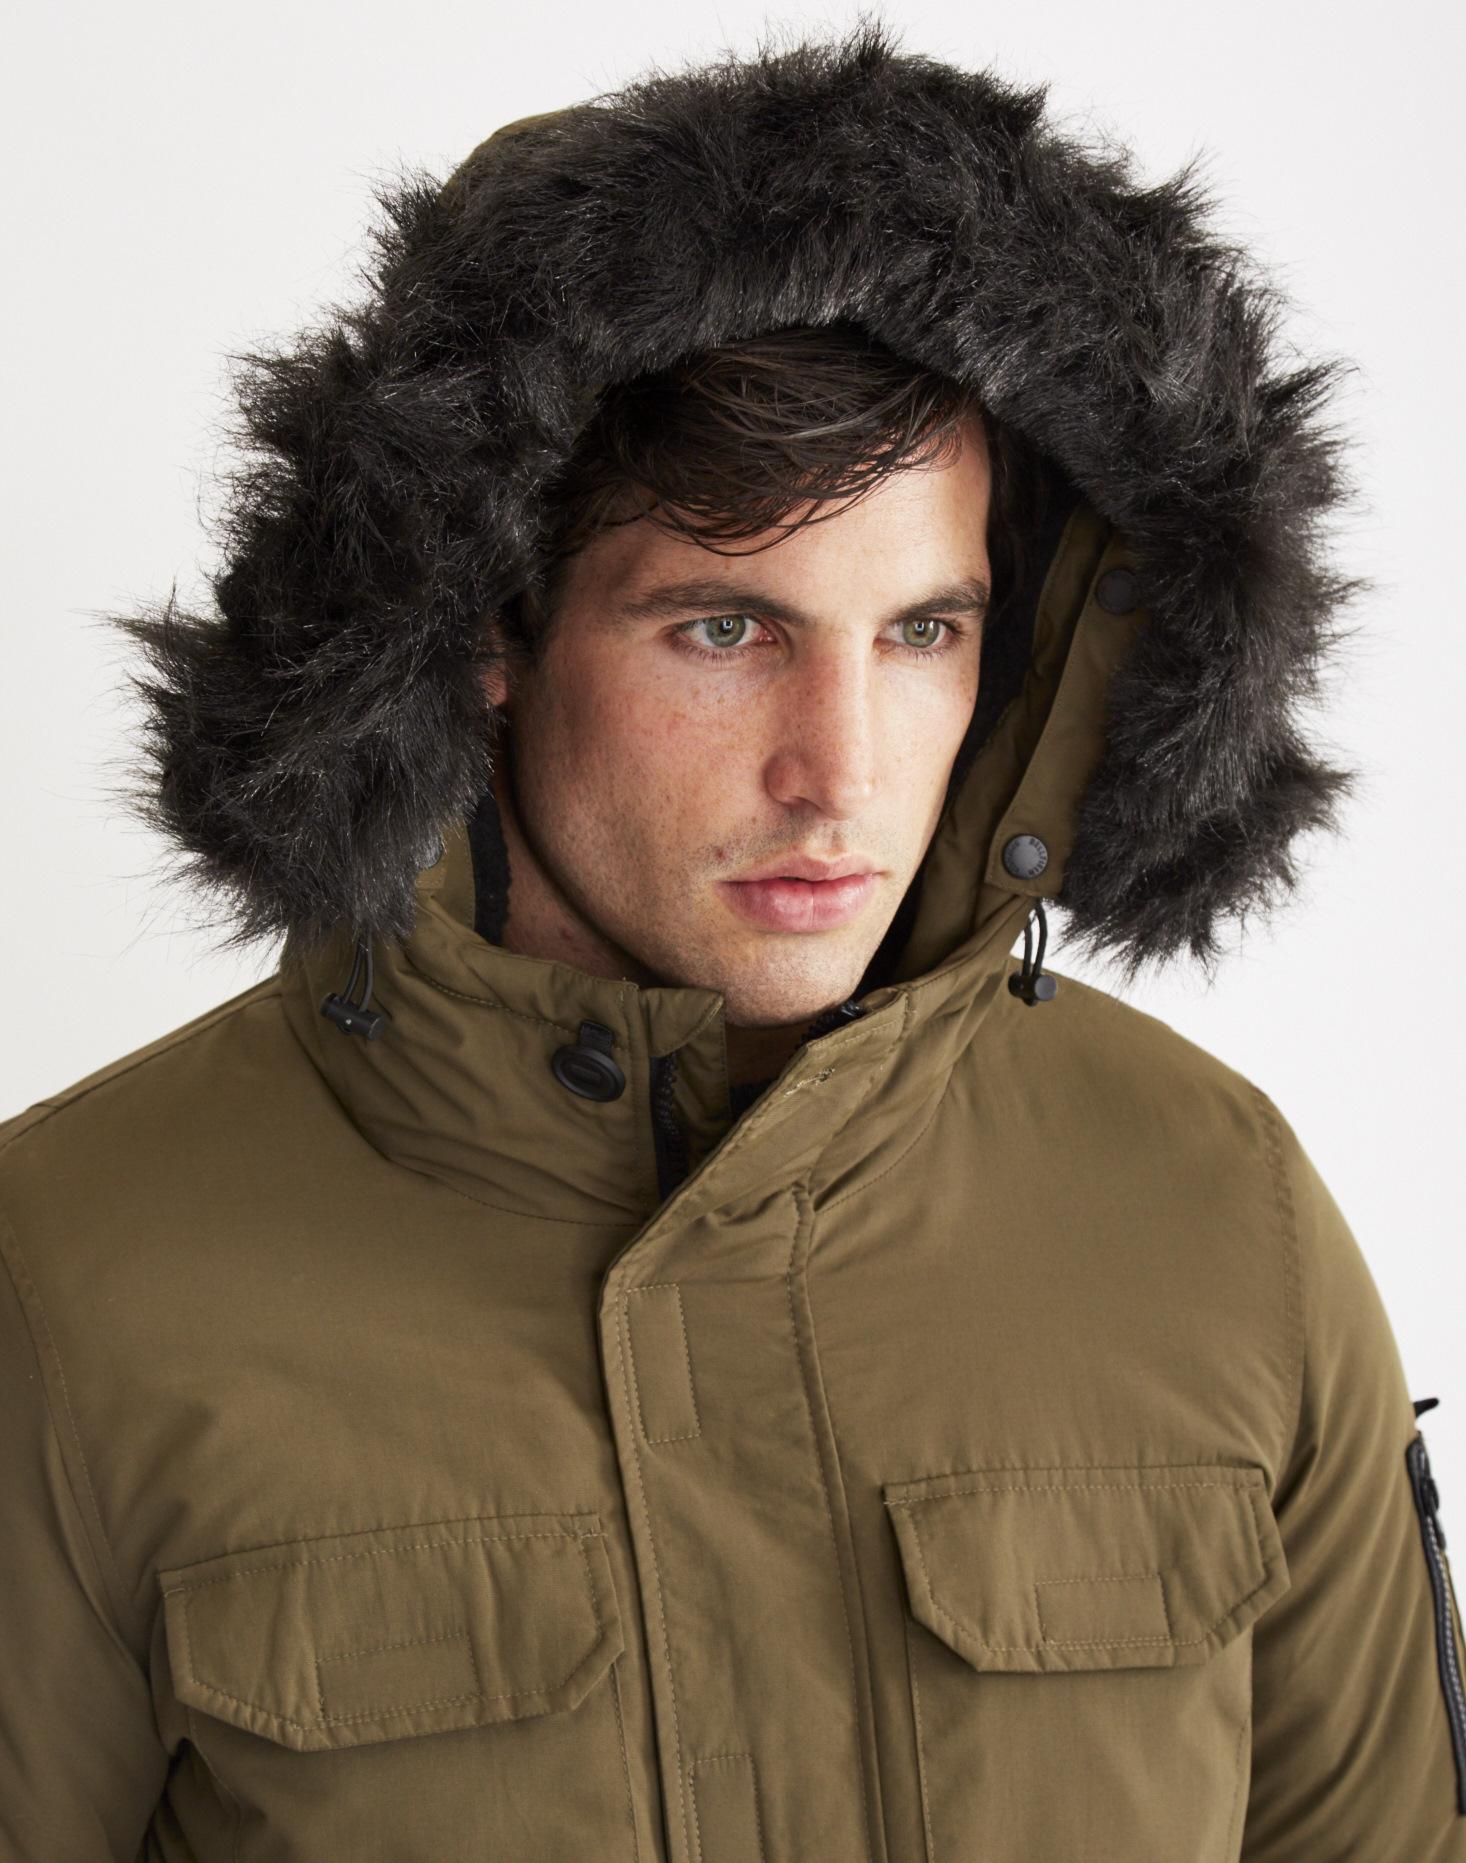 e489a15b4776b Bellfield Nimrod Fur-Trimmed Parka Jacket in Natural for Men - Lyst